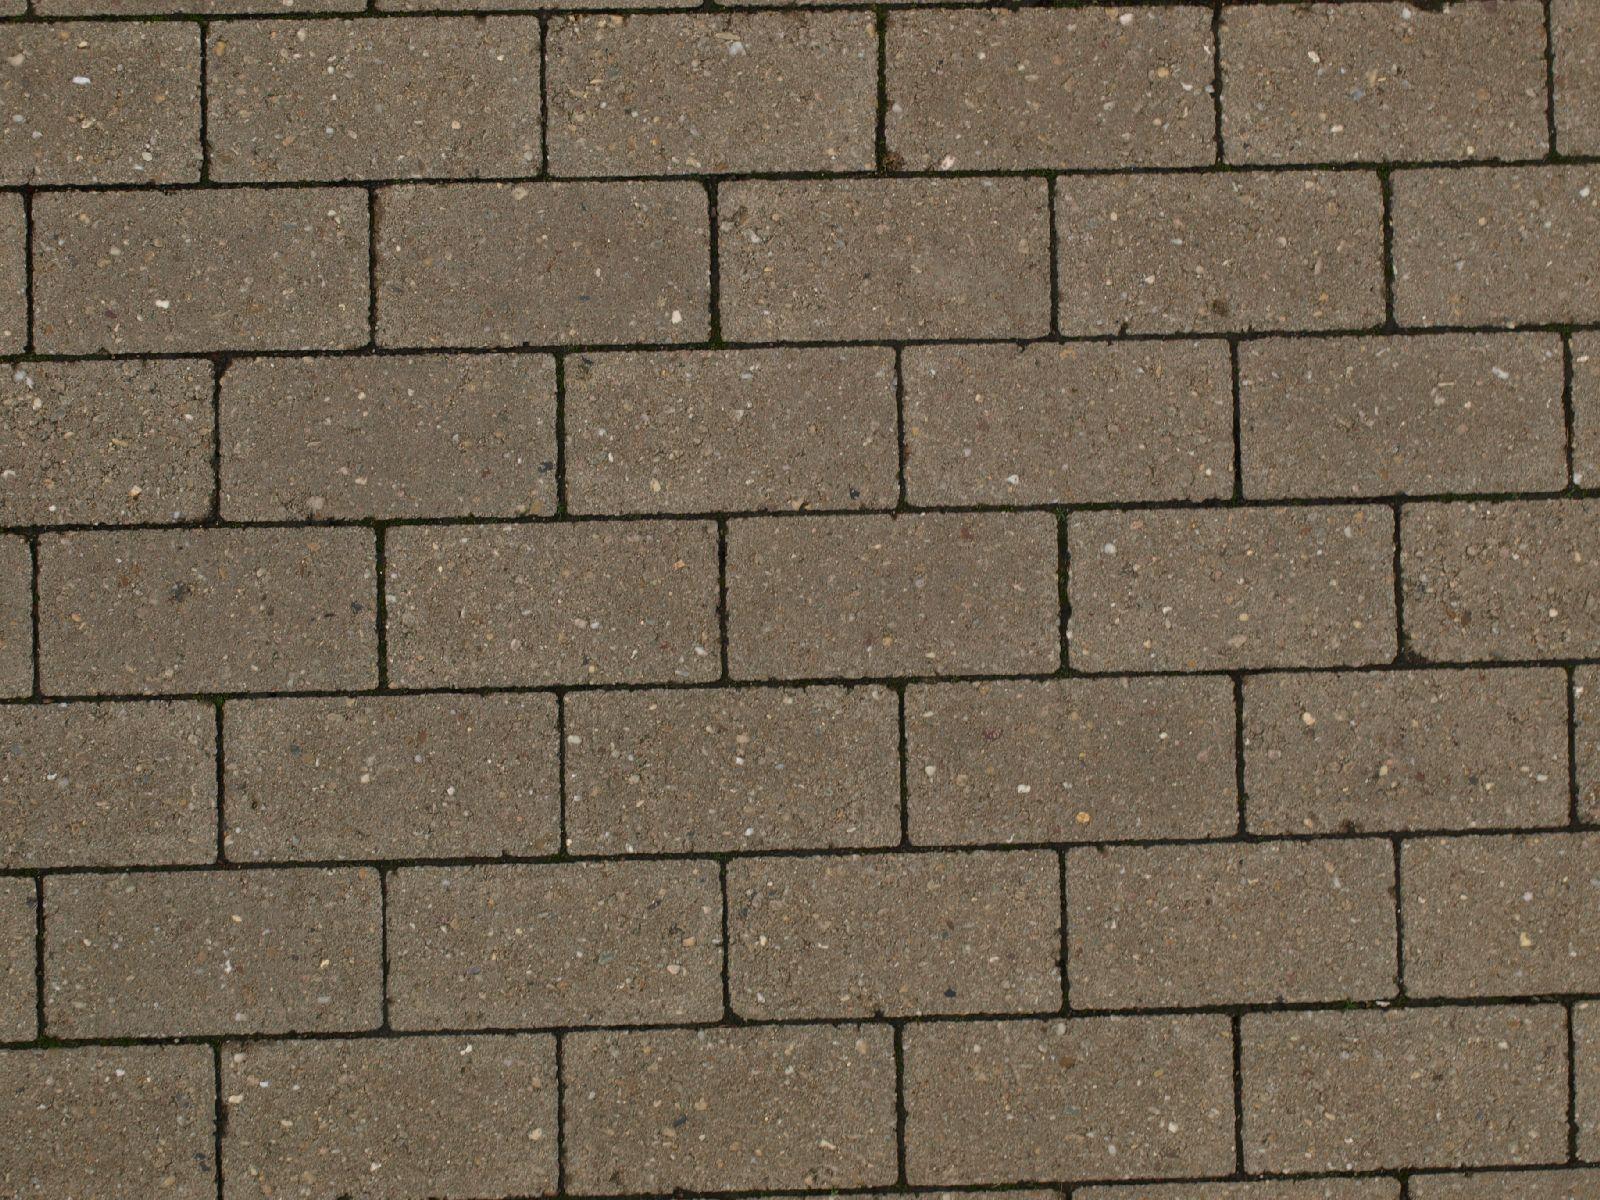 Boden-Gehweg-Strasse-Buergersteig-Textur_A_PC041398